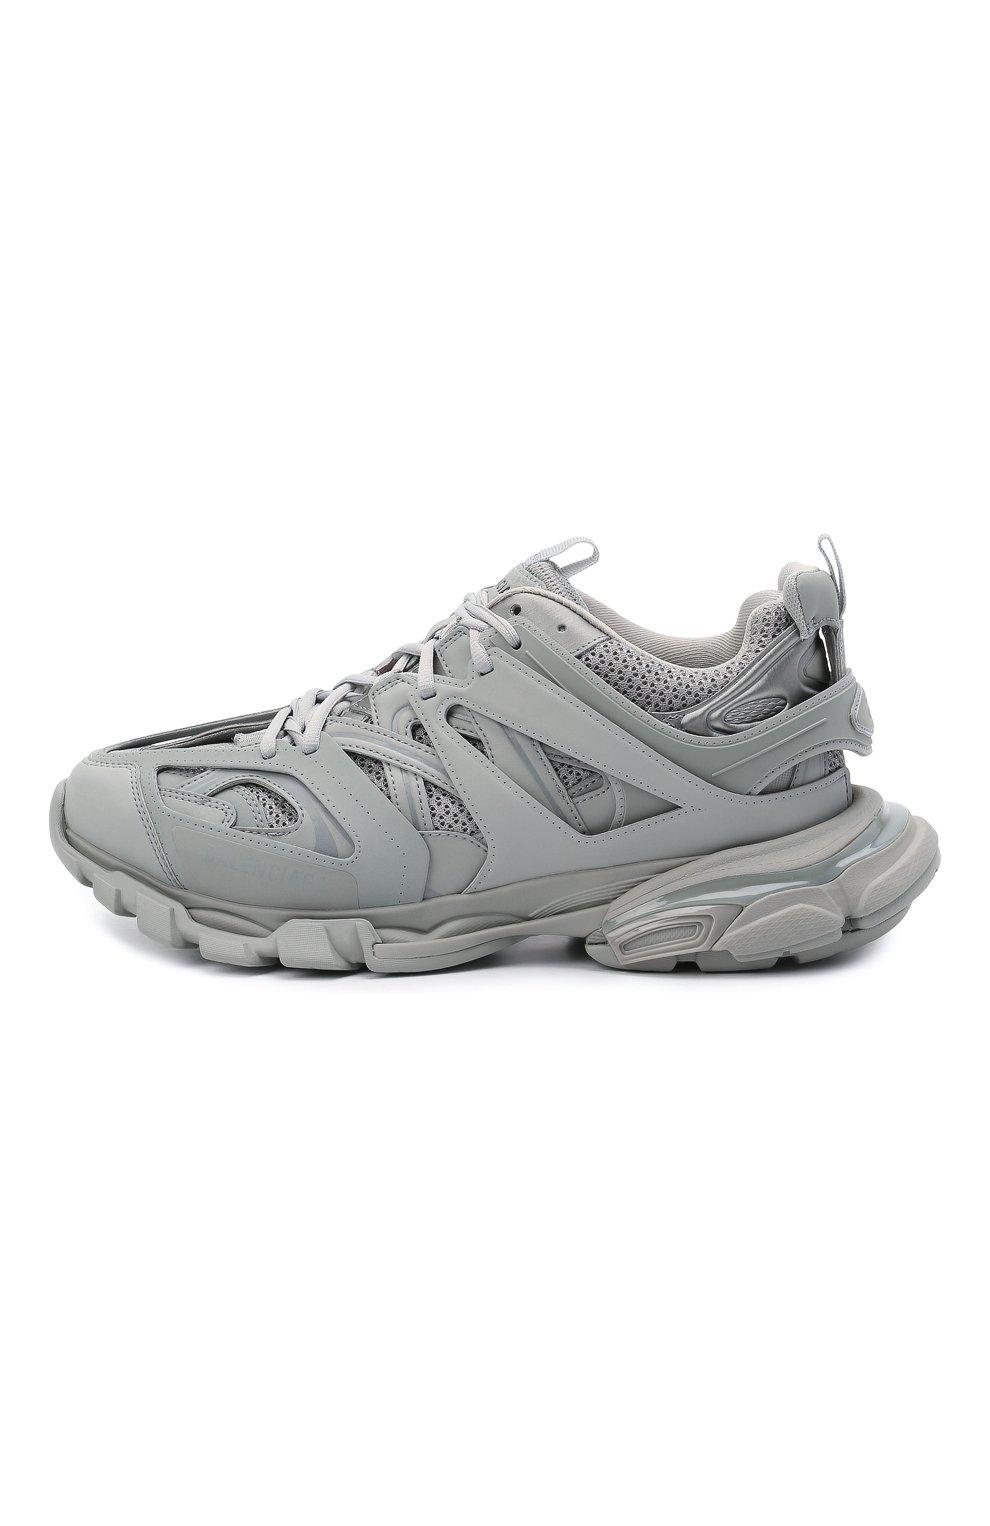 Мужские комбинированные кроссовки track BALENCIAGA серого цвета, арт. 542023/W2LA1   Фото 3 (Материал внешний: Текстиль; Стили: Гранж; Материал внутренний: Текстиль; Подошва: Массивная)